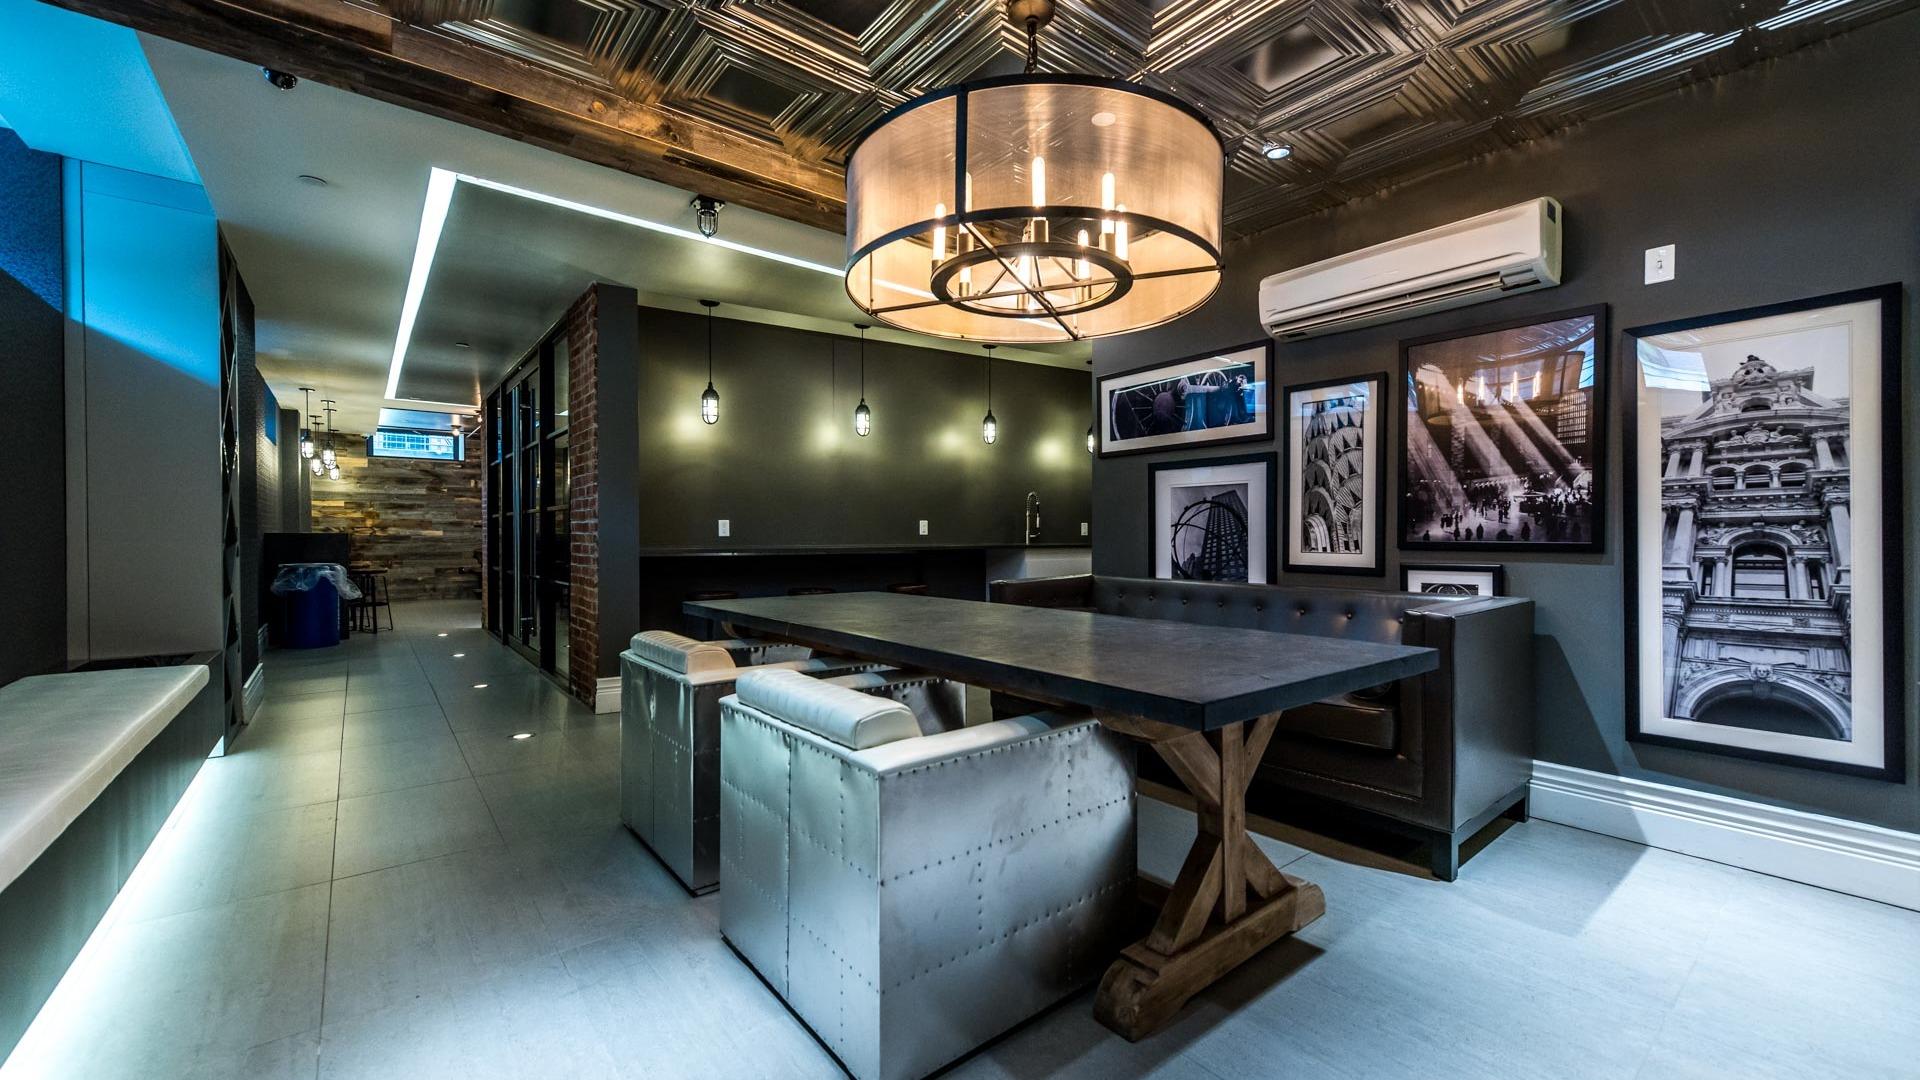 024 023 185 leonard street lounge 6